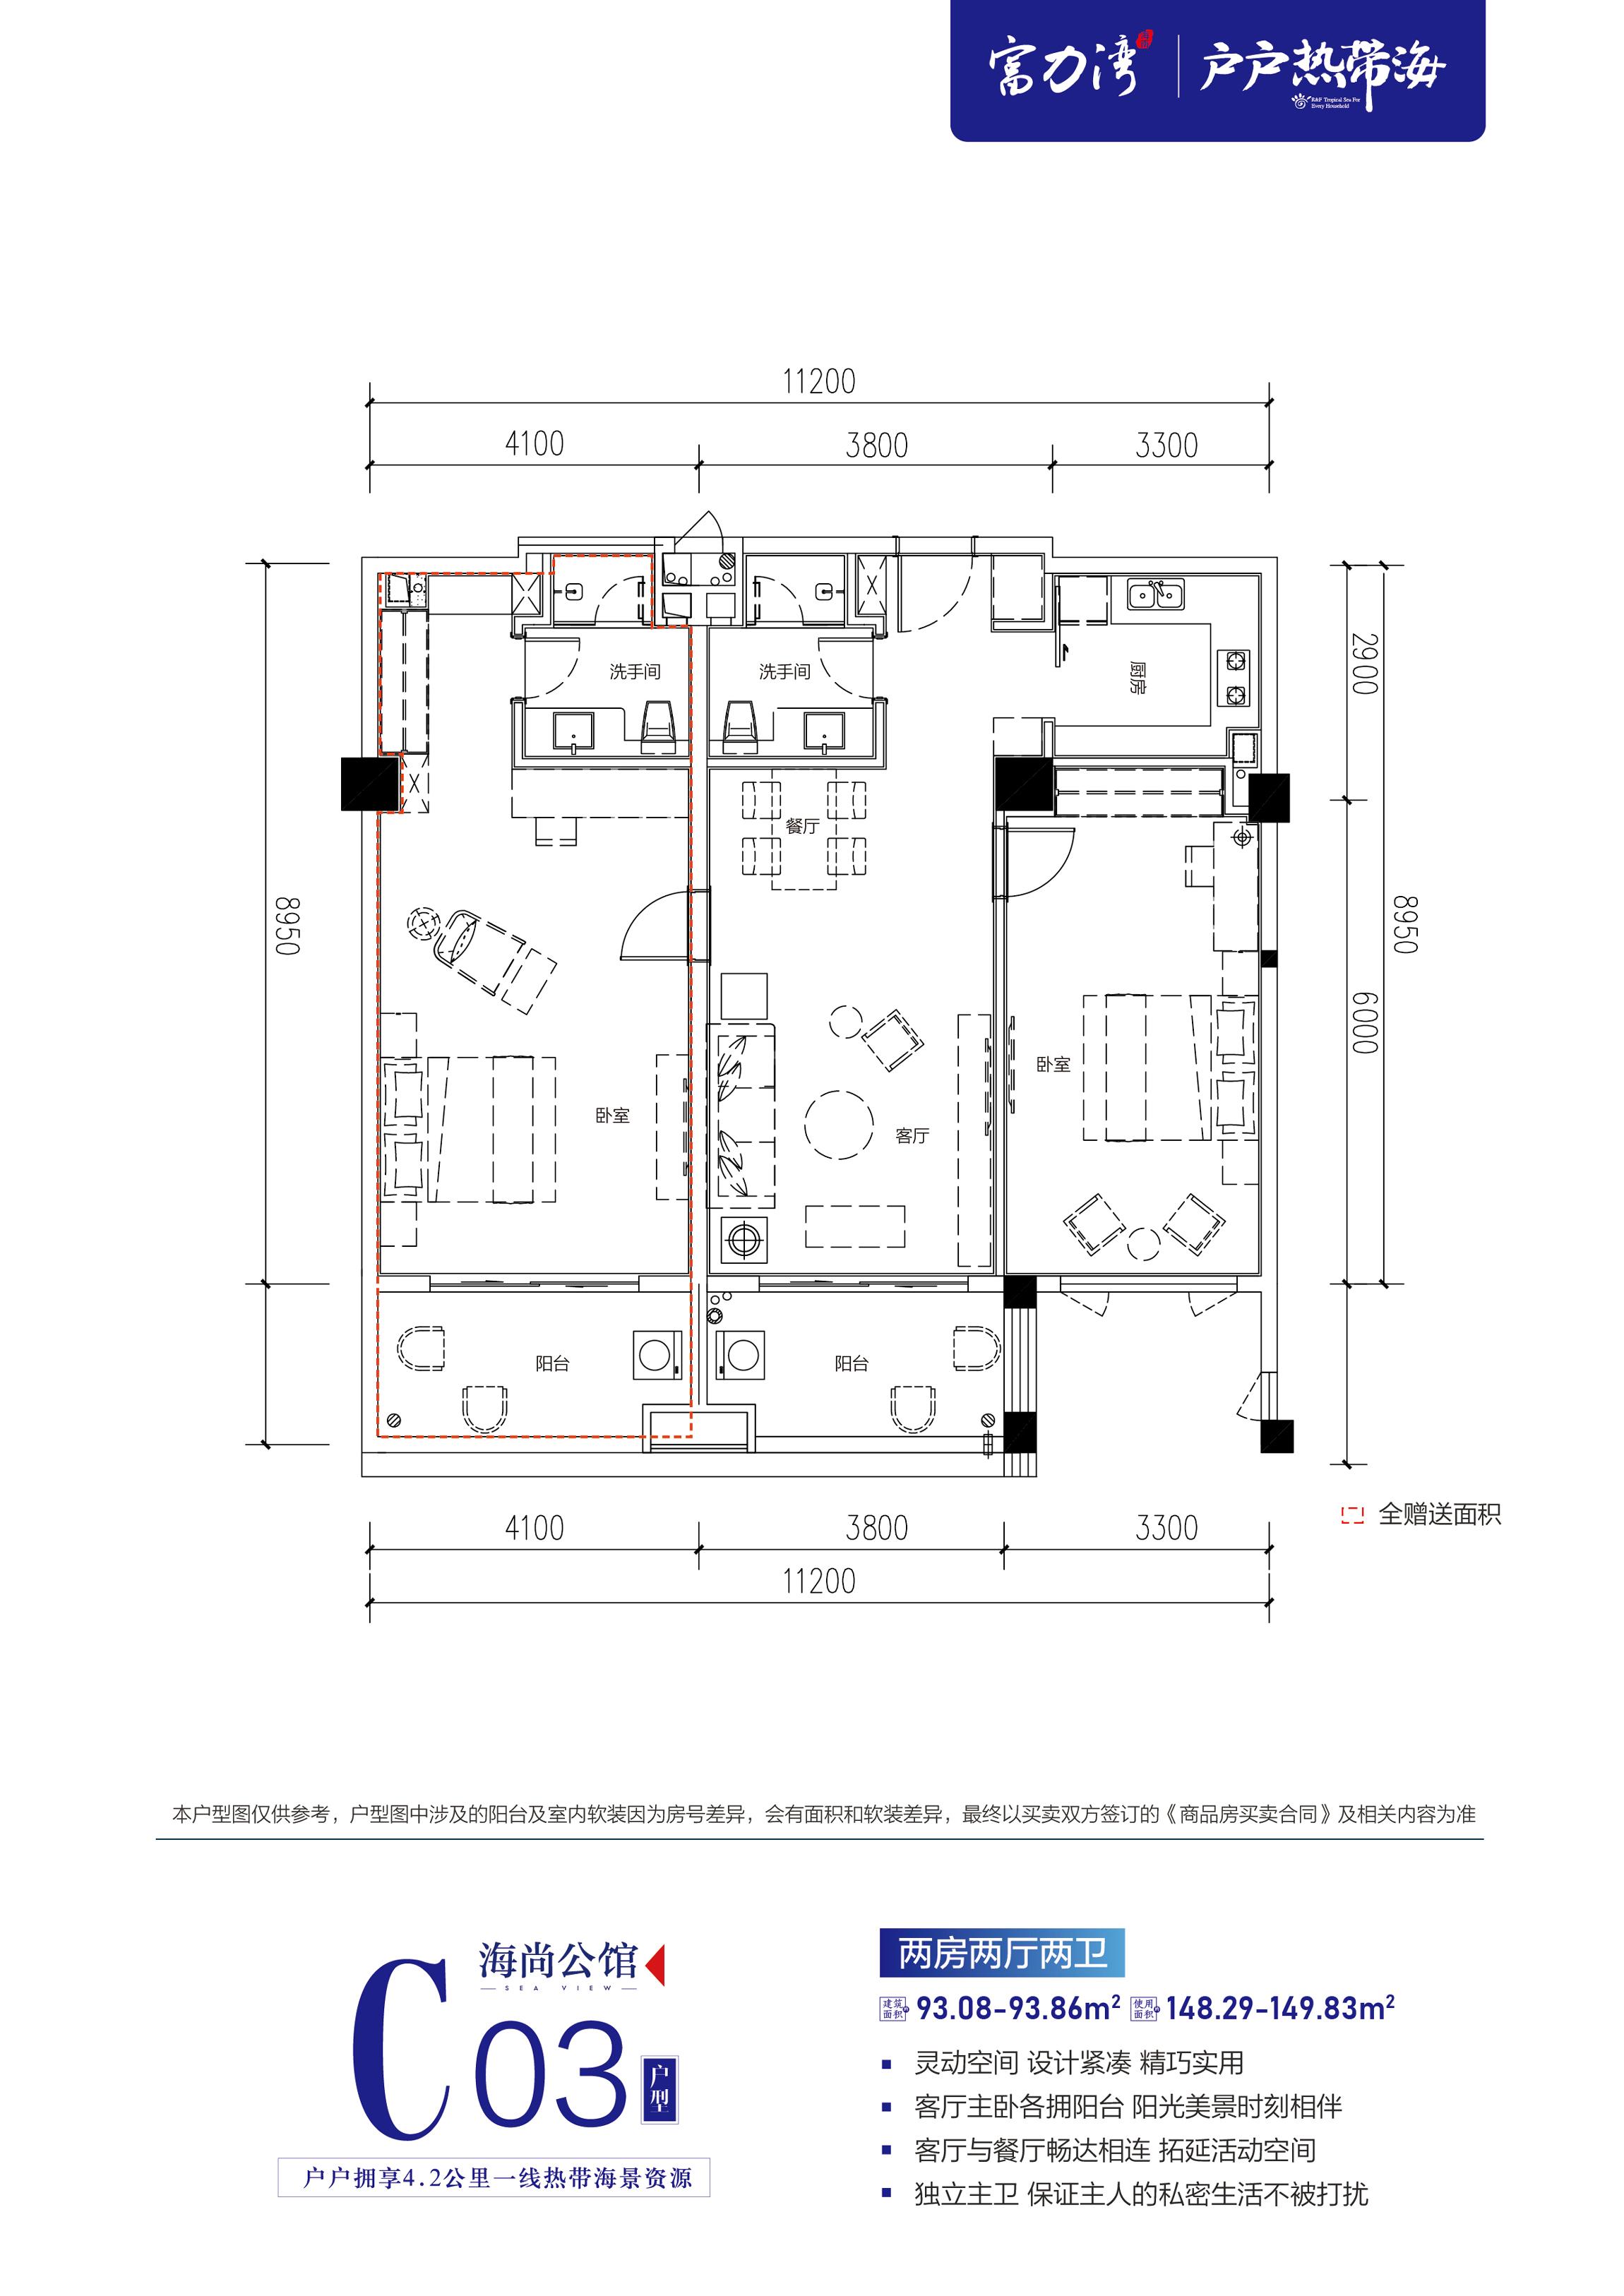 海尚公馆C03户型 2室2厅2卫 建面约93.08-93